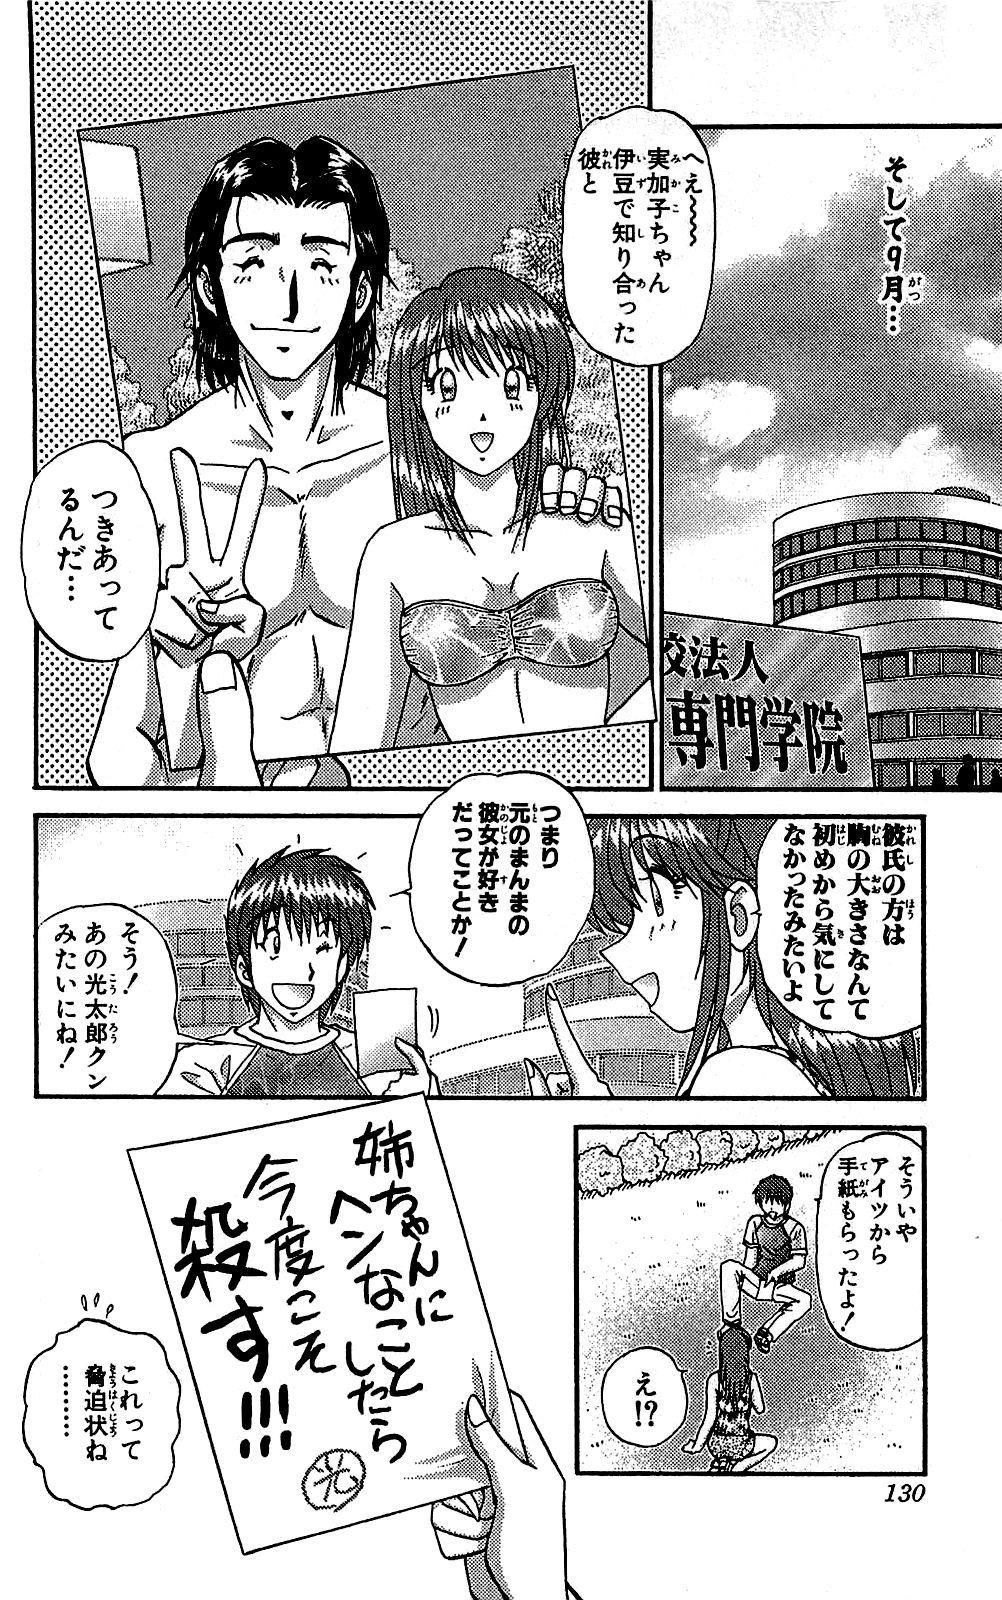 Miracle Make Yuuji 130